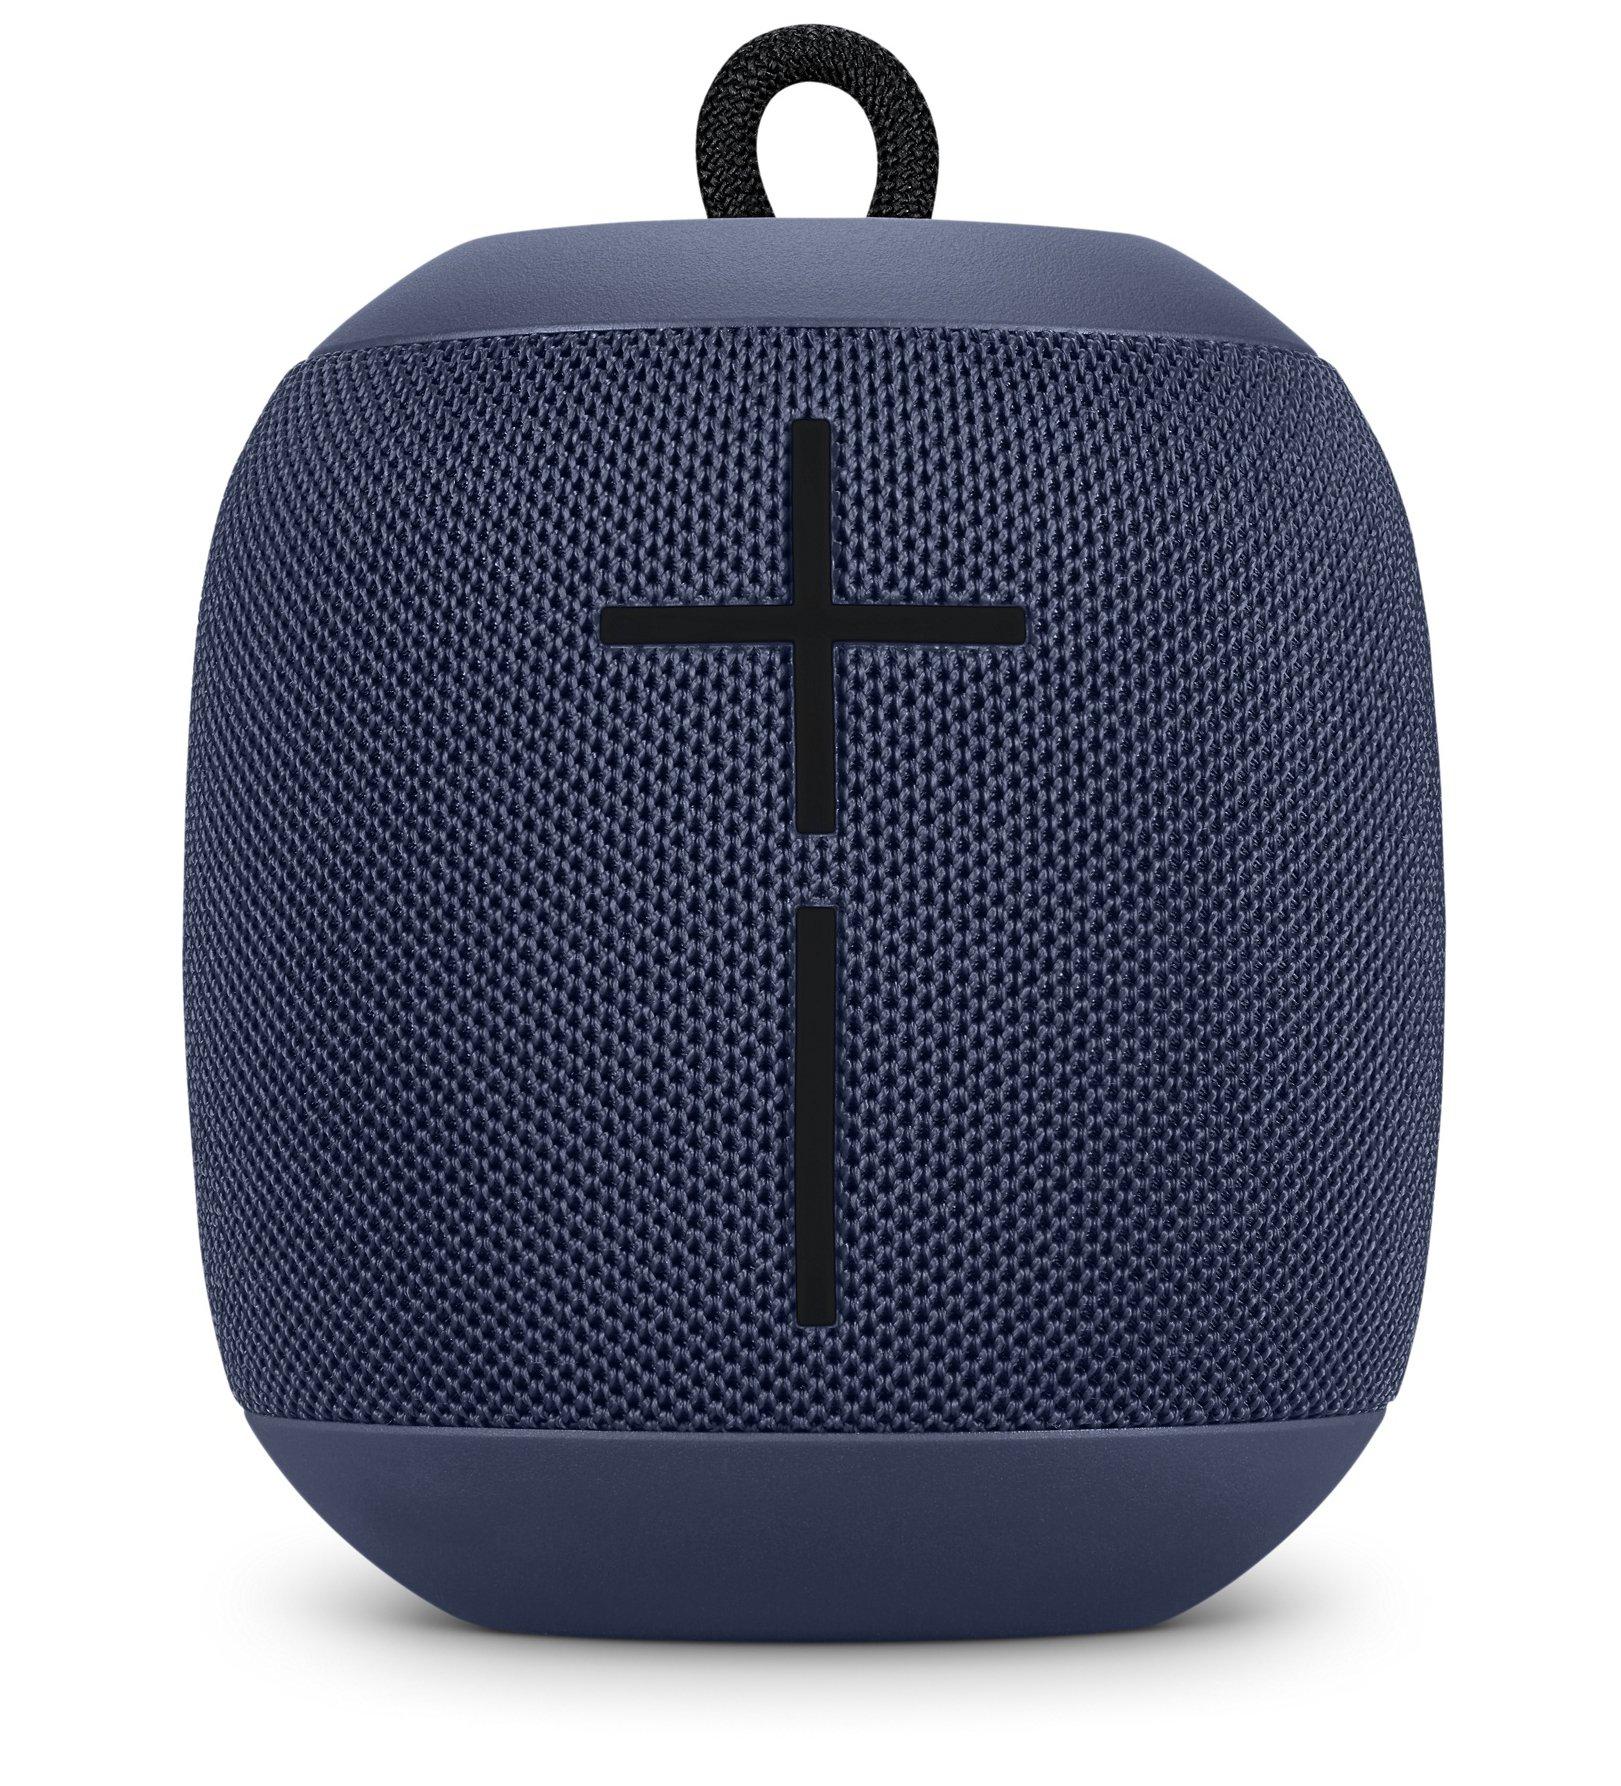 Ultimate Ears WONDERBOOM Waterproof Super Portable Bluetooth Speaker – IPX7 Waterproof – 10-hour Battery Life – Midnight Blue